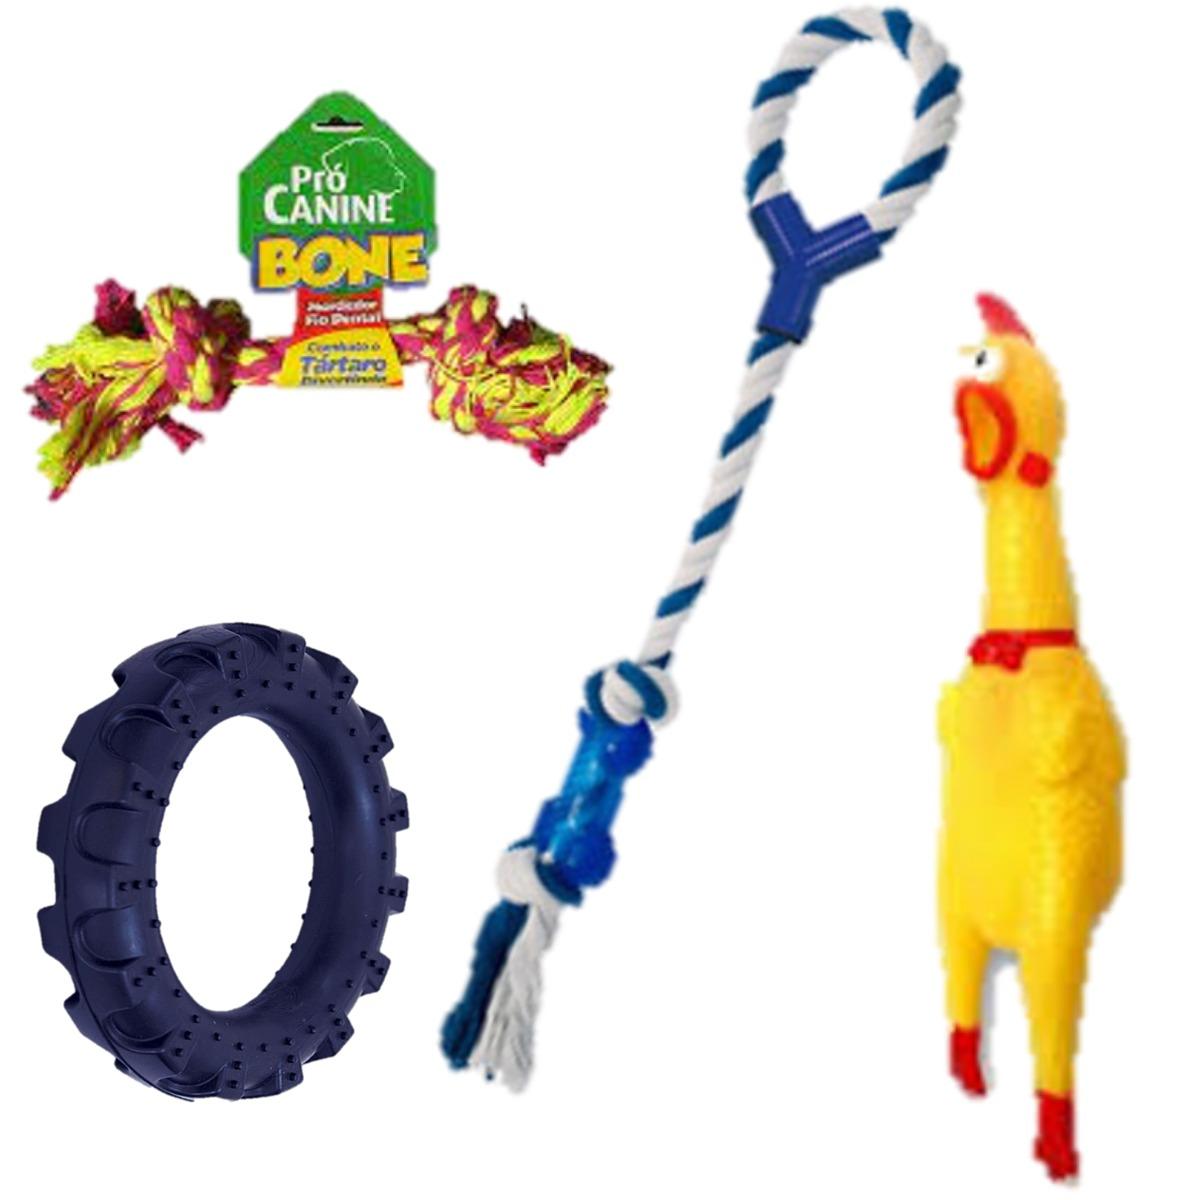 Brinquedos para caes kit brinquedo pneu frango, mordedor e bone divertido